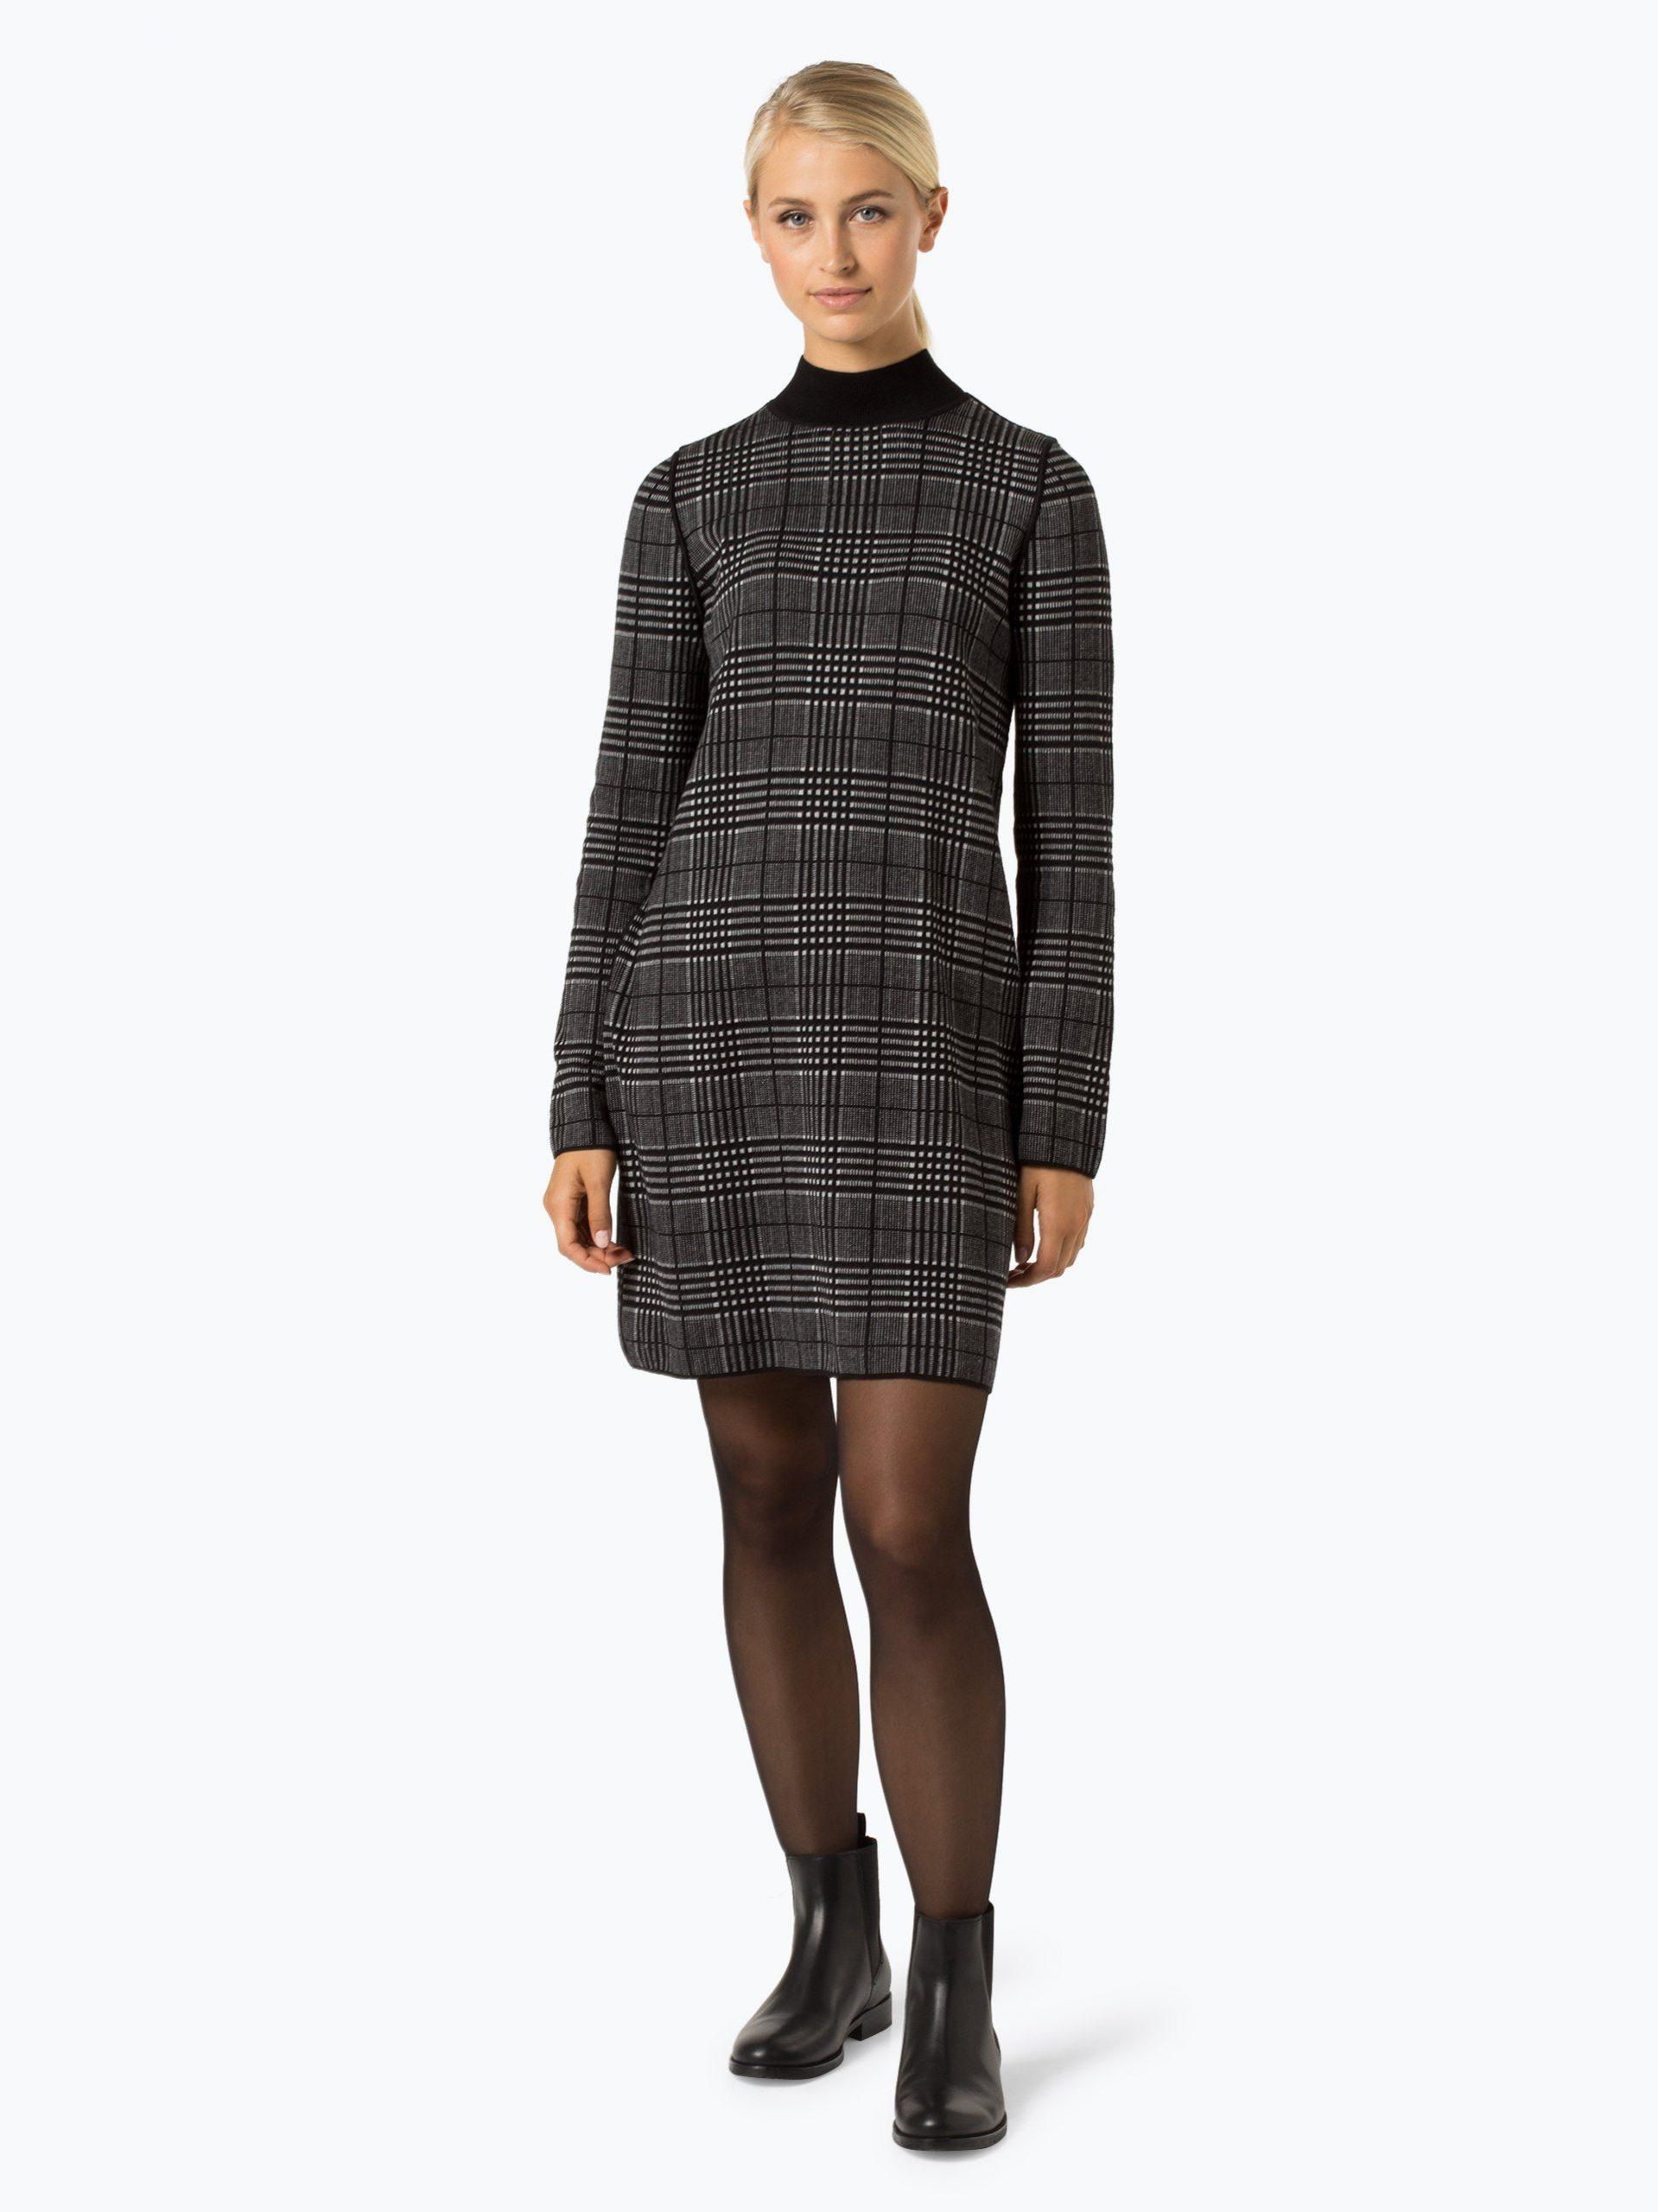 Tommy Hilfiger Damen Kleid Zum Wenden Online Kaufen